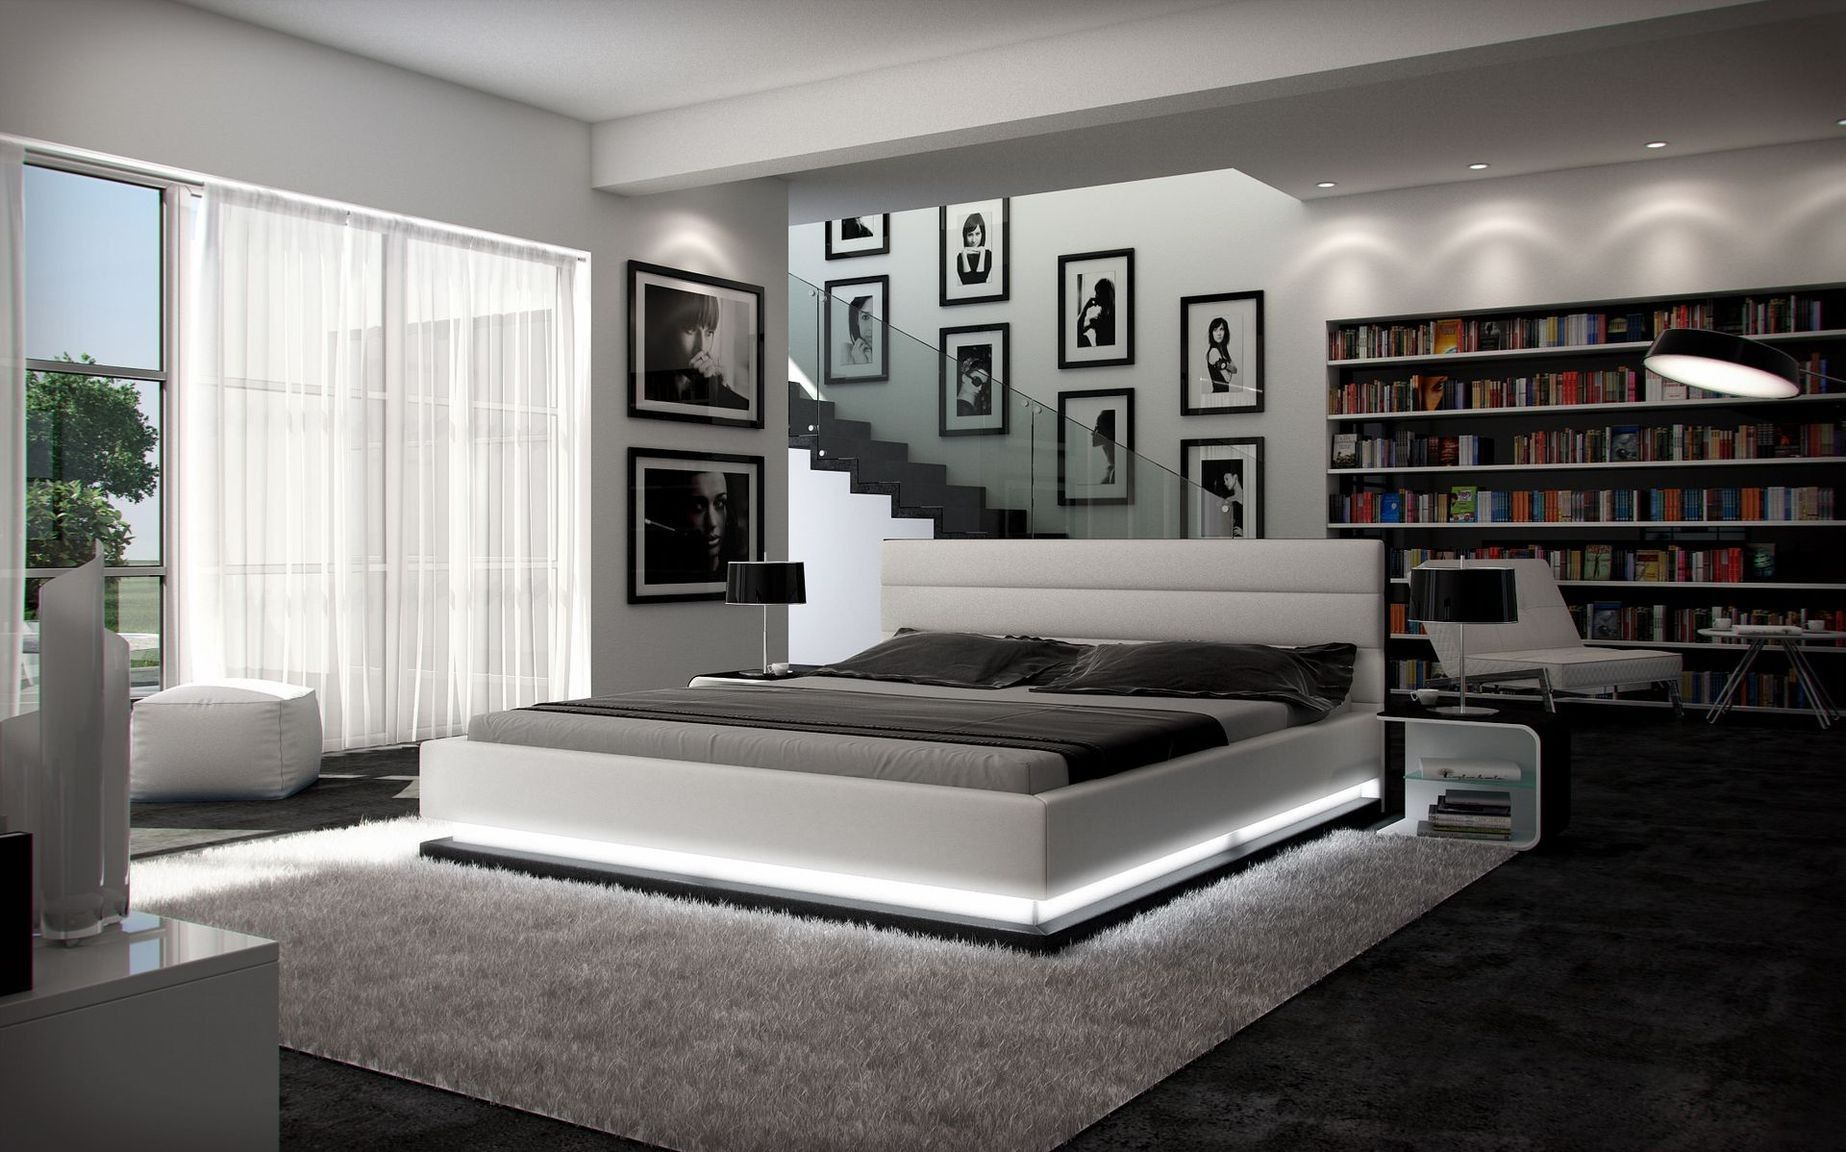 http://www.tendanza.com/lit-design-contemporain-innocent-ripani-eclairage-integre-7750.html